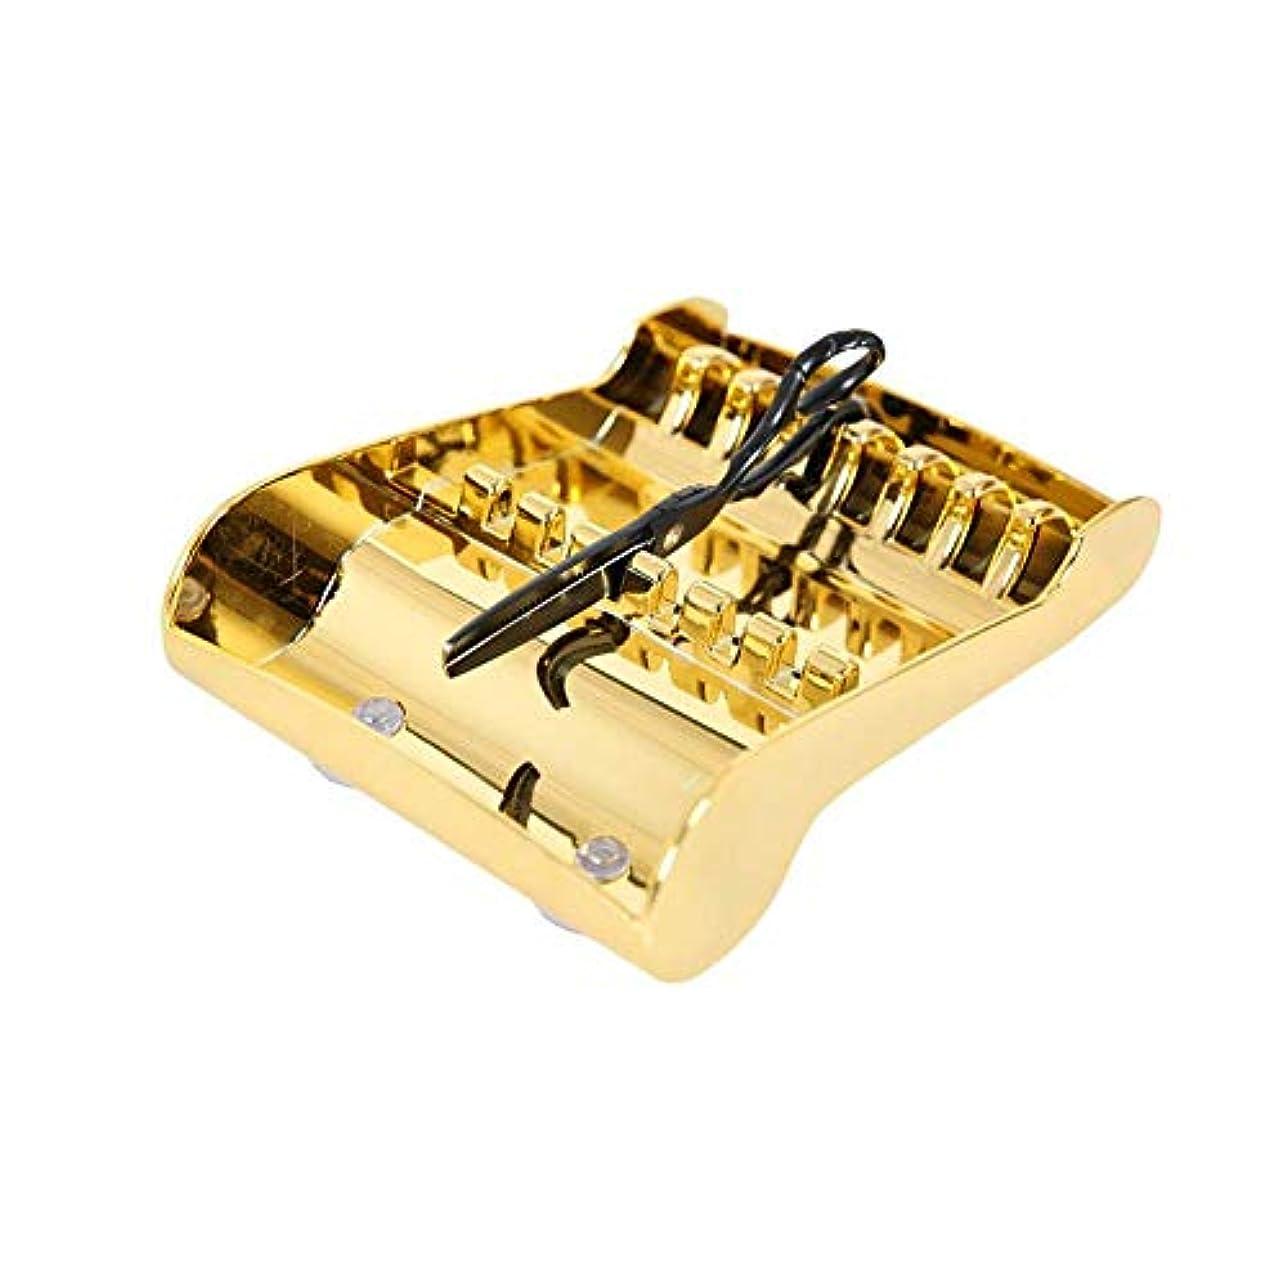 酸素抵抗力がある消化はさみのディスプレイラック毎日のはさみ収納ラックツールホルダー用ヘアスタイリスト20.5 13.8 5.5Cm(ゴールド)